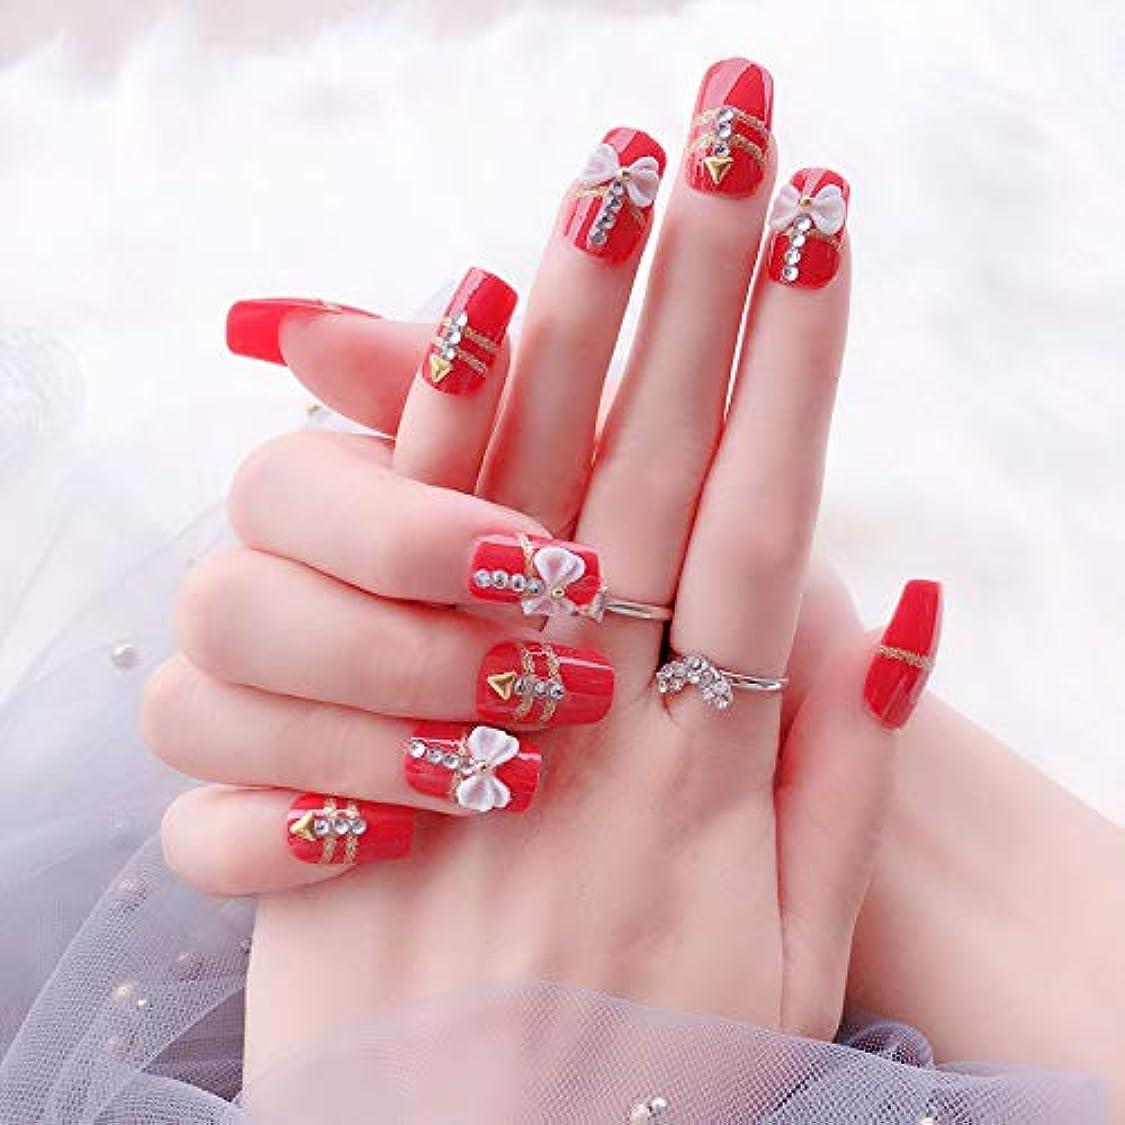 外観セマフォ自発的花嫁ネイル 手作りネイルチップ 和装 ネイル 24枚入 結婚式、パーティー、二次会など 可愛い優雅ネイル 蝶の飾り付け (レッド)